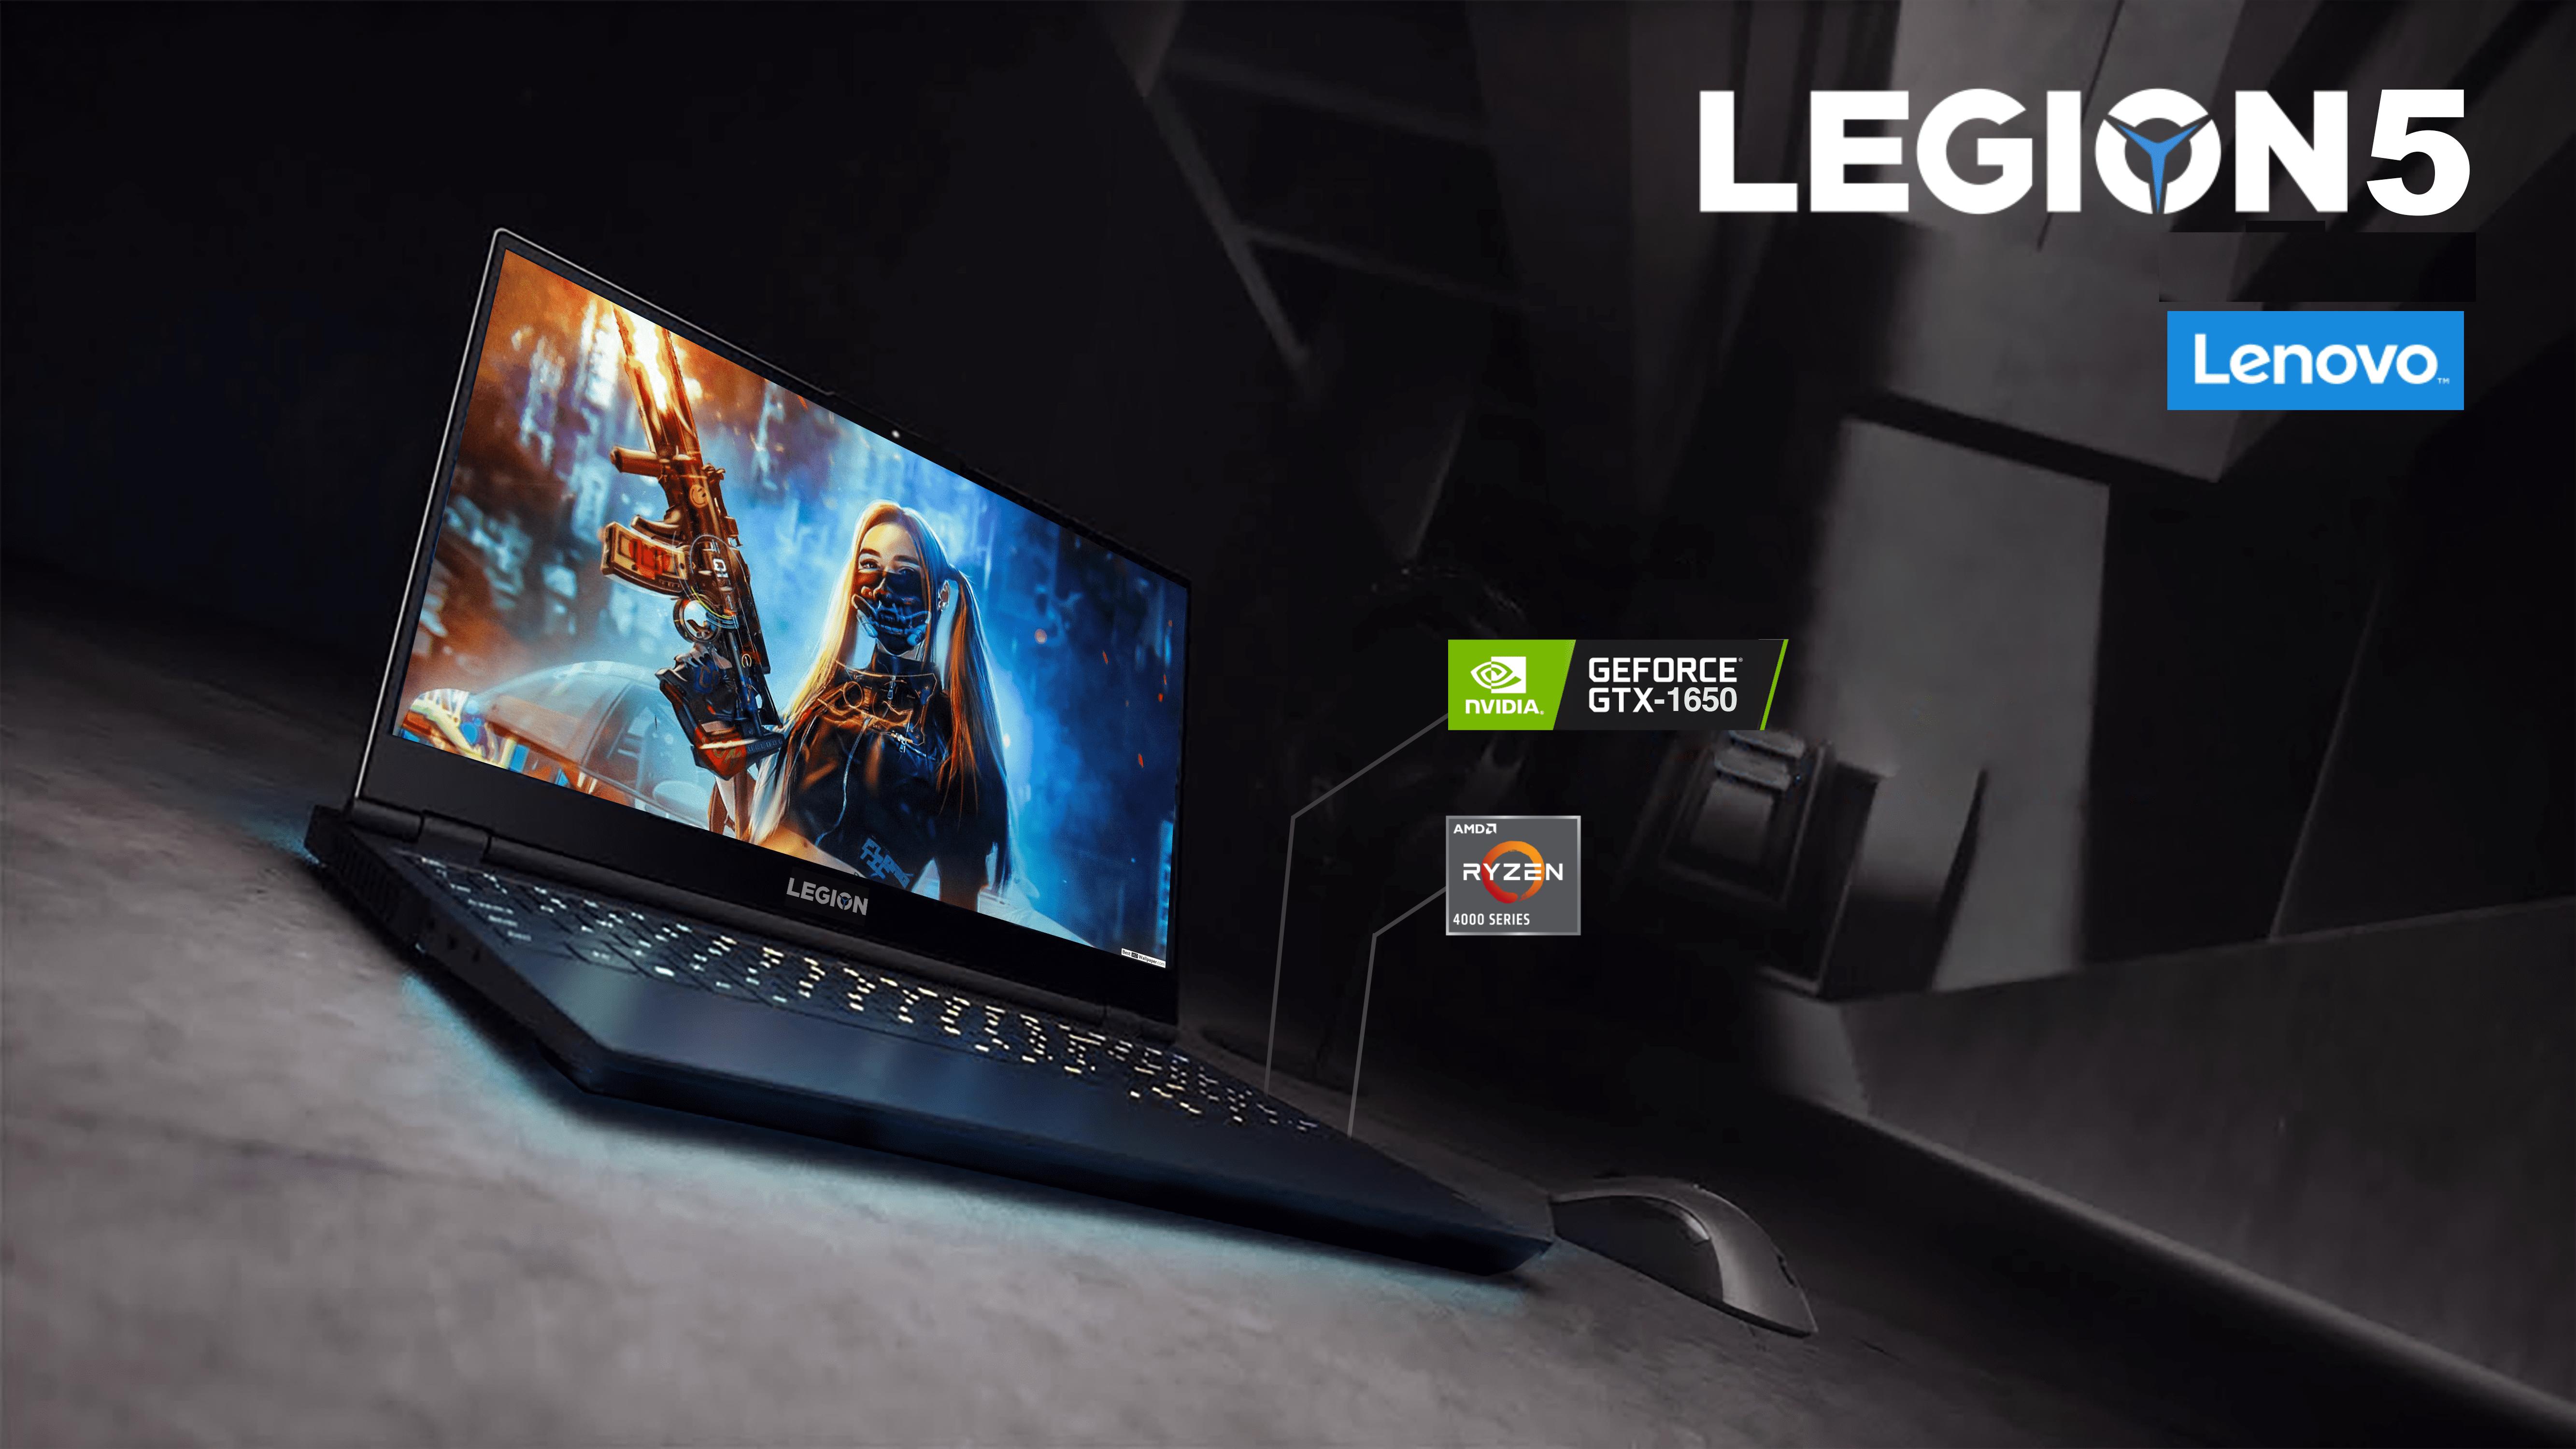 Lenovo Legion 5 15IMH05(82AU004XVN) thách thức cấu hình với tất cả đối thủ cùng phân khúc